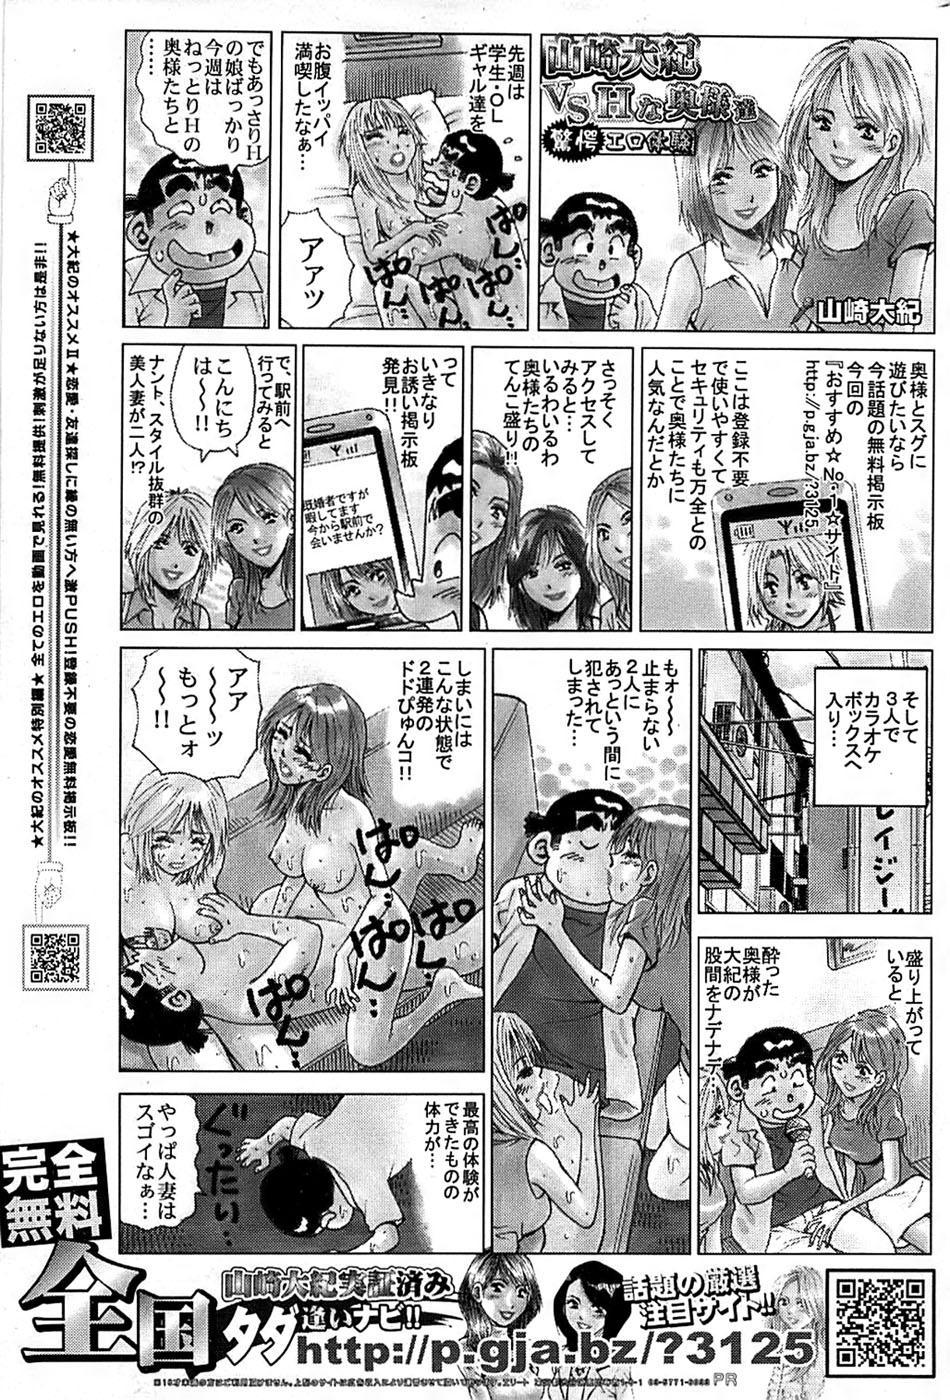 Comic Bazooka 2007-09 206